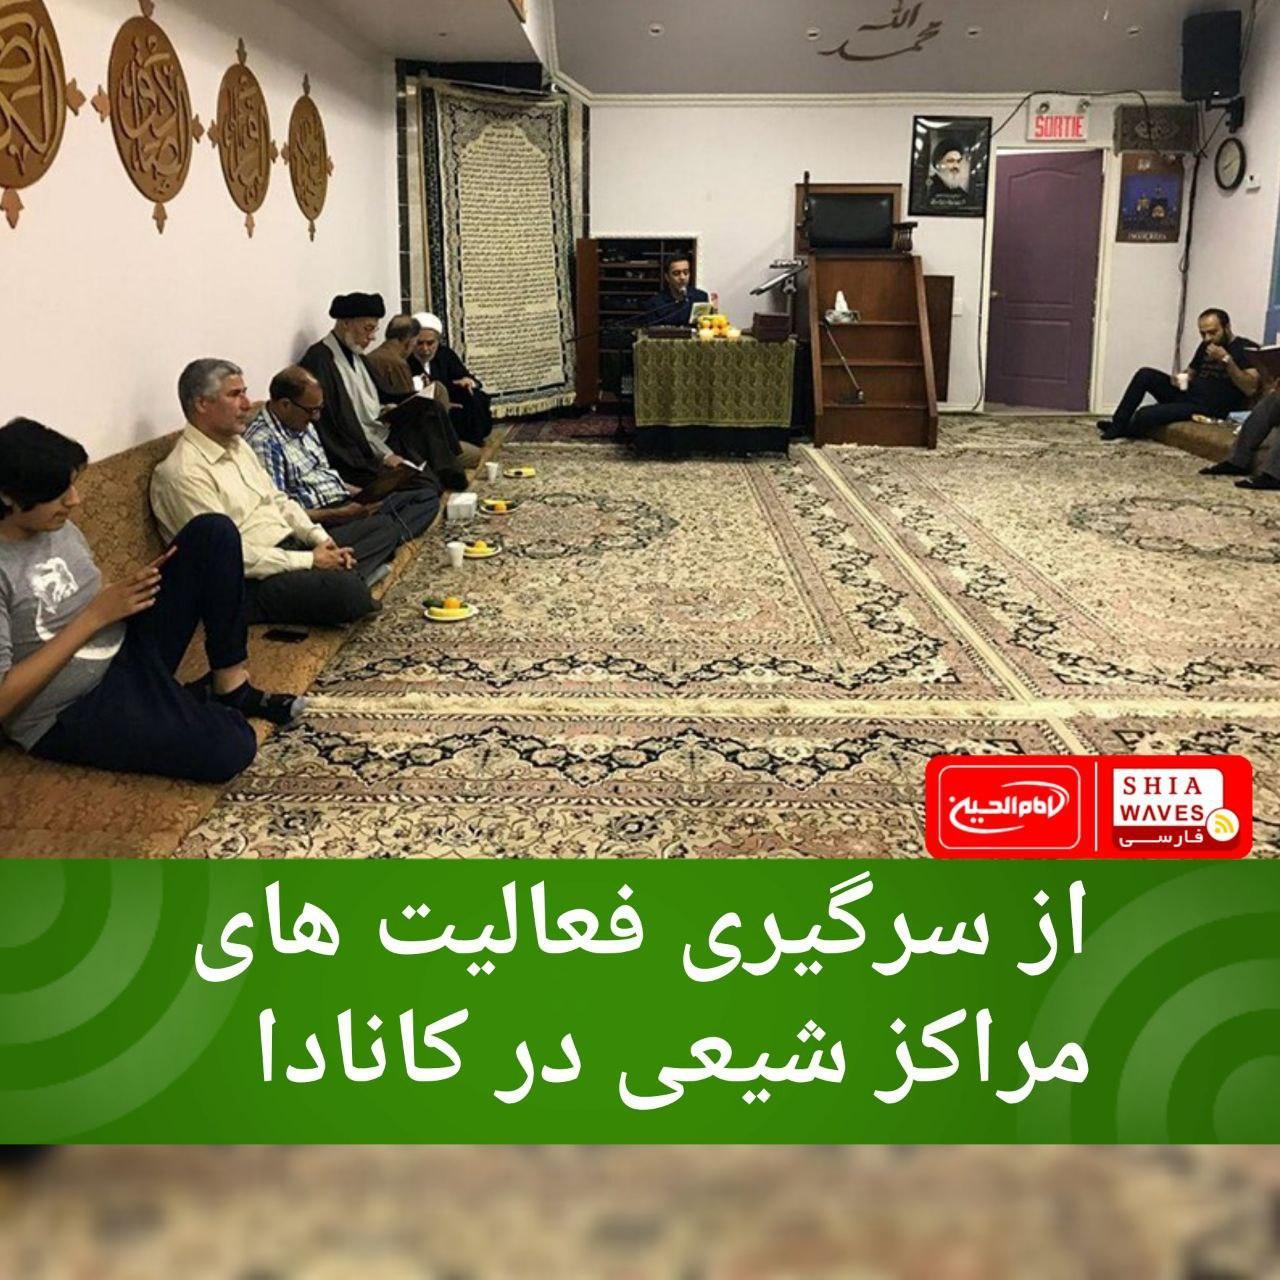 تصویر از سرگیری فعالیت های مراکز شیعی در کانادا